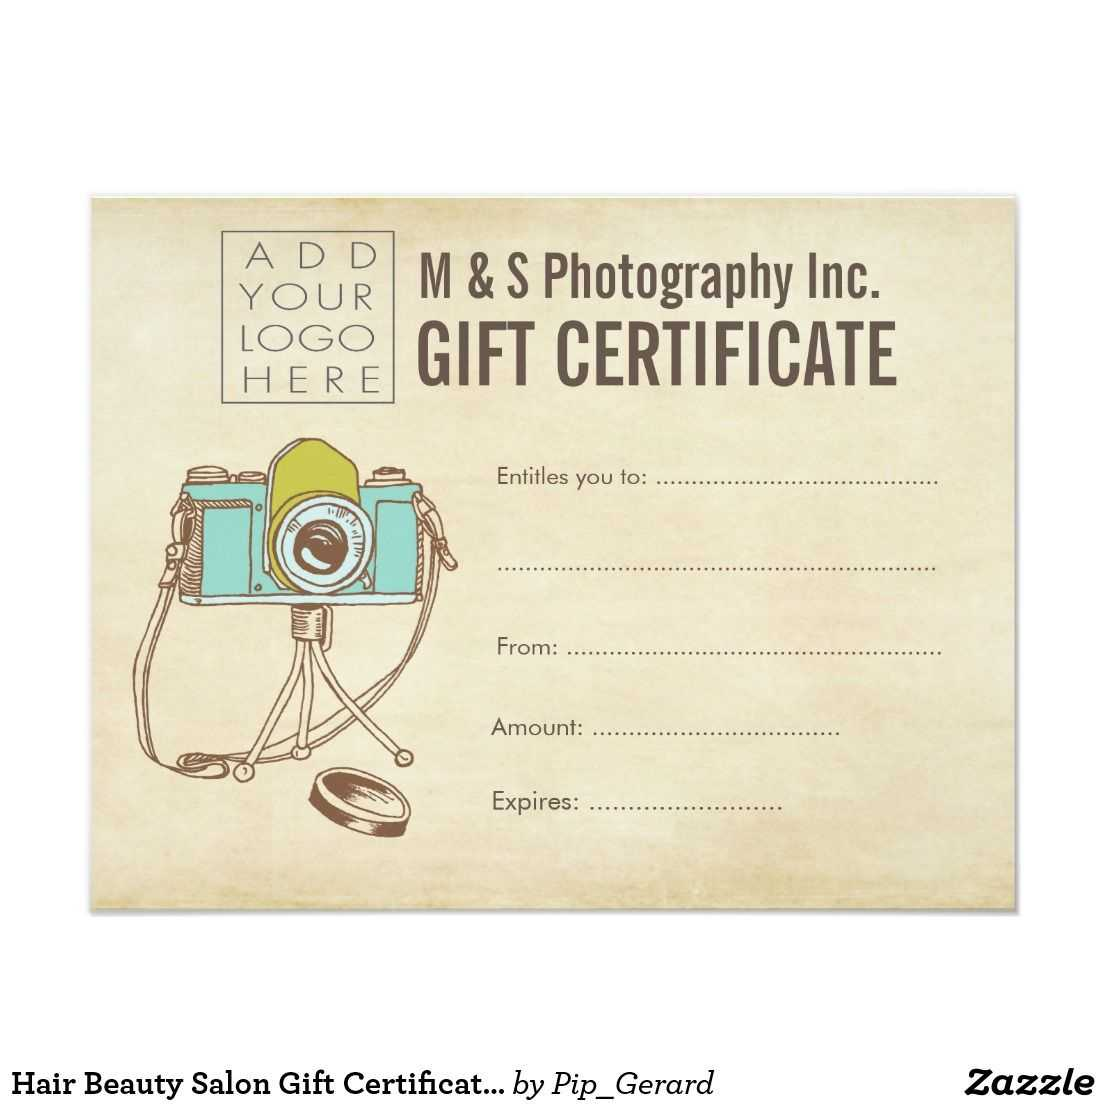 Hair Beauty Salon Gift Certificate Template   Zazzle within Salon Gift Certificate Template